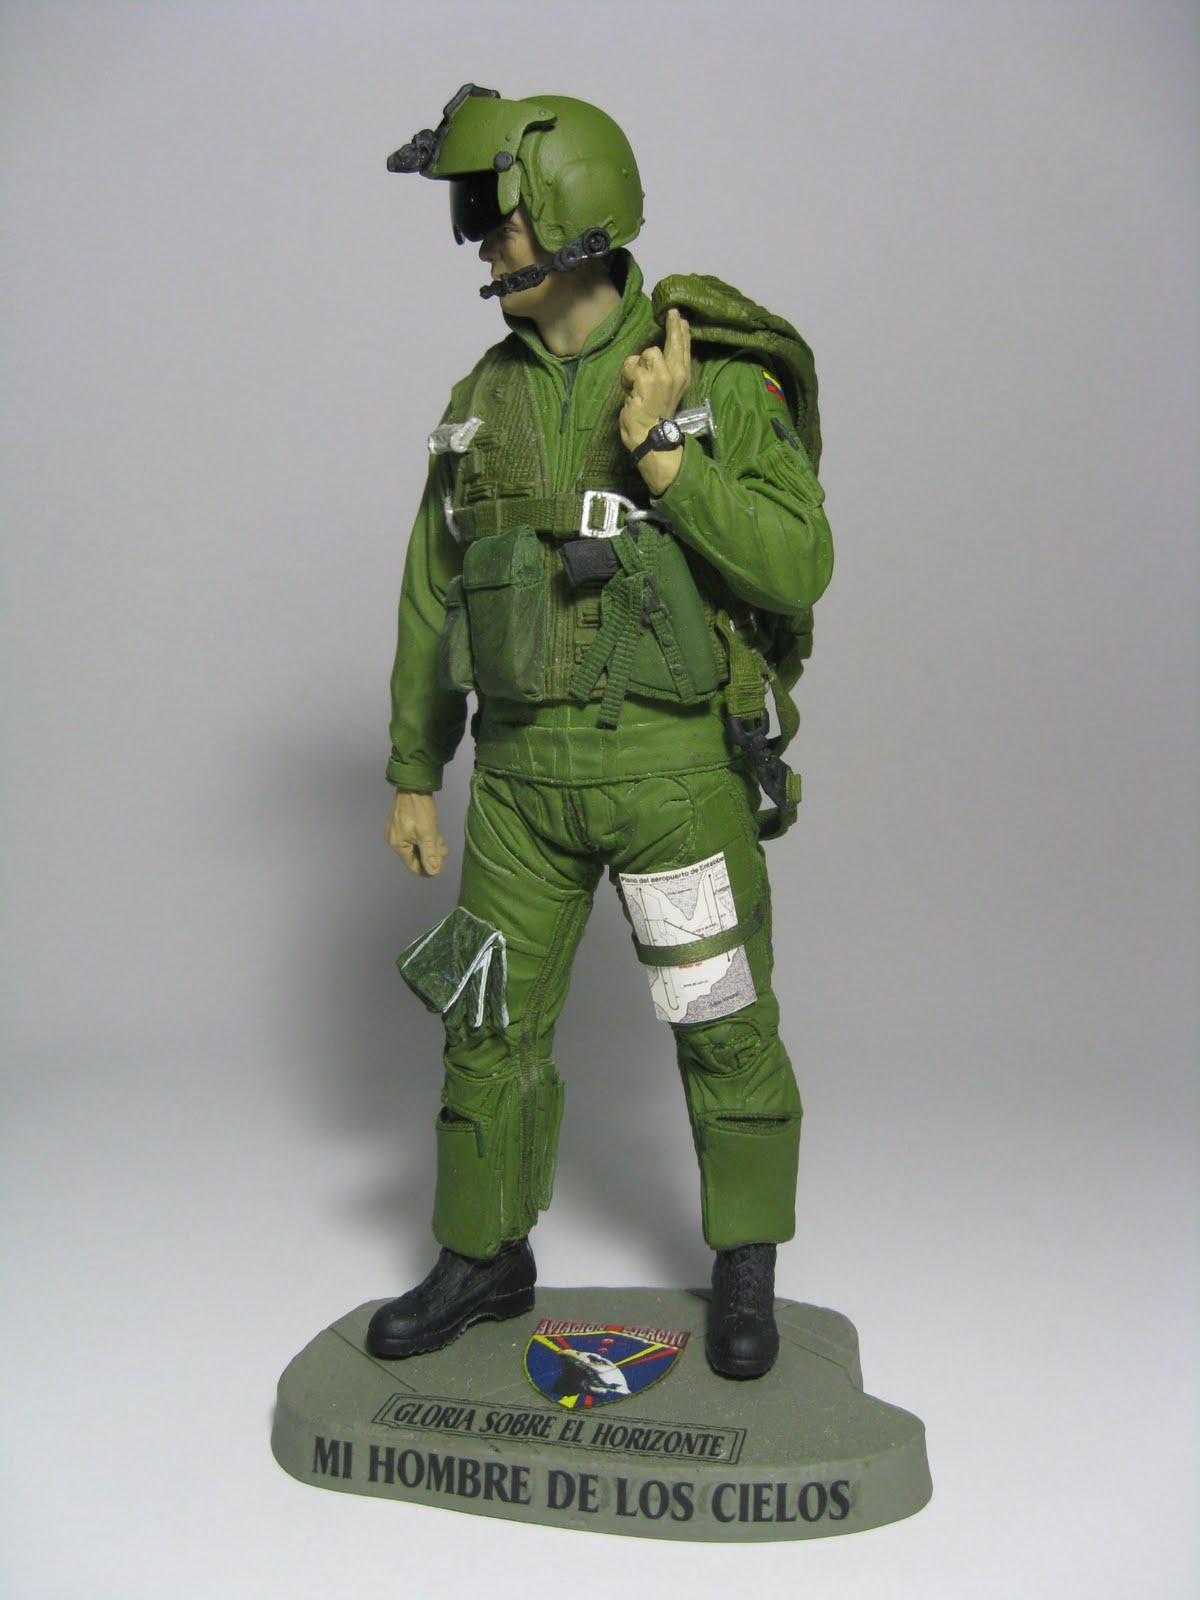 Figuras Militares Piloto Militar Y Tecnico De Aviaci N